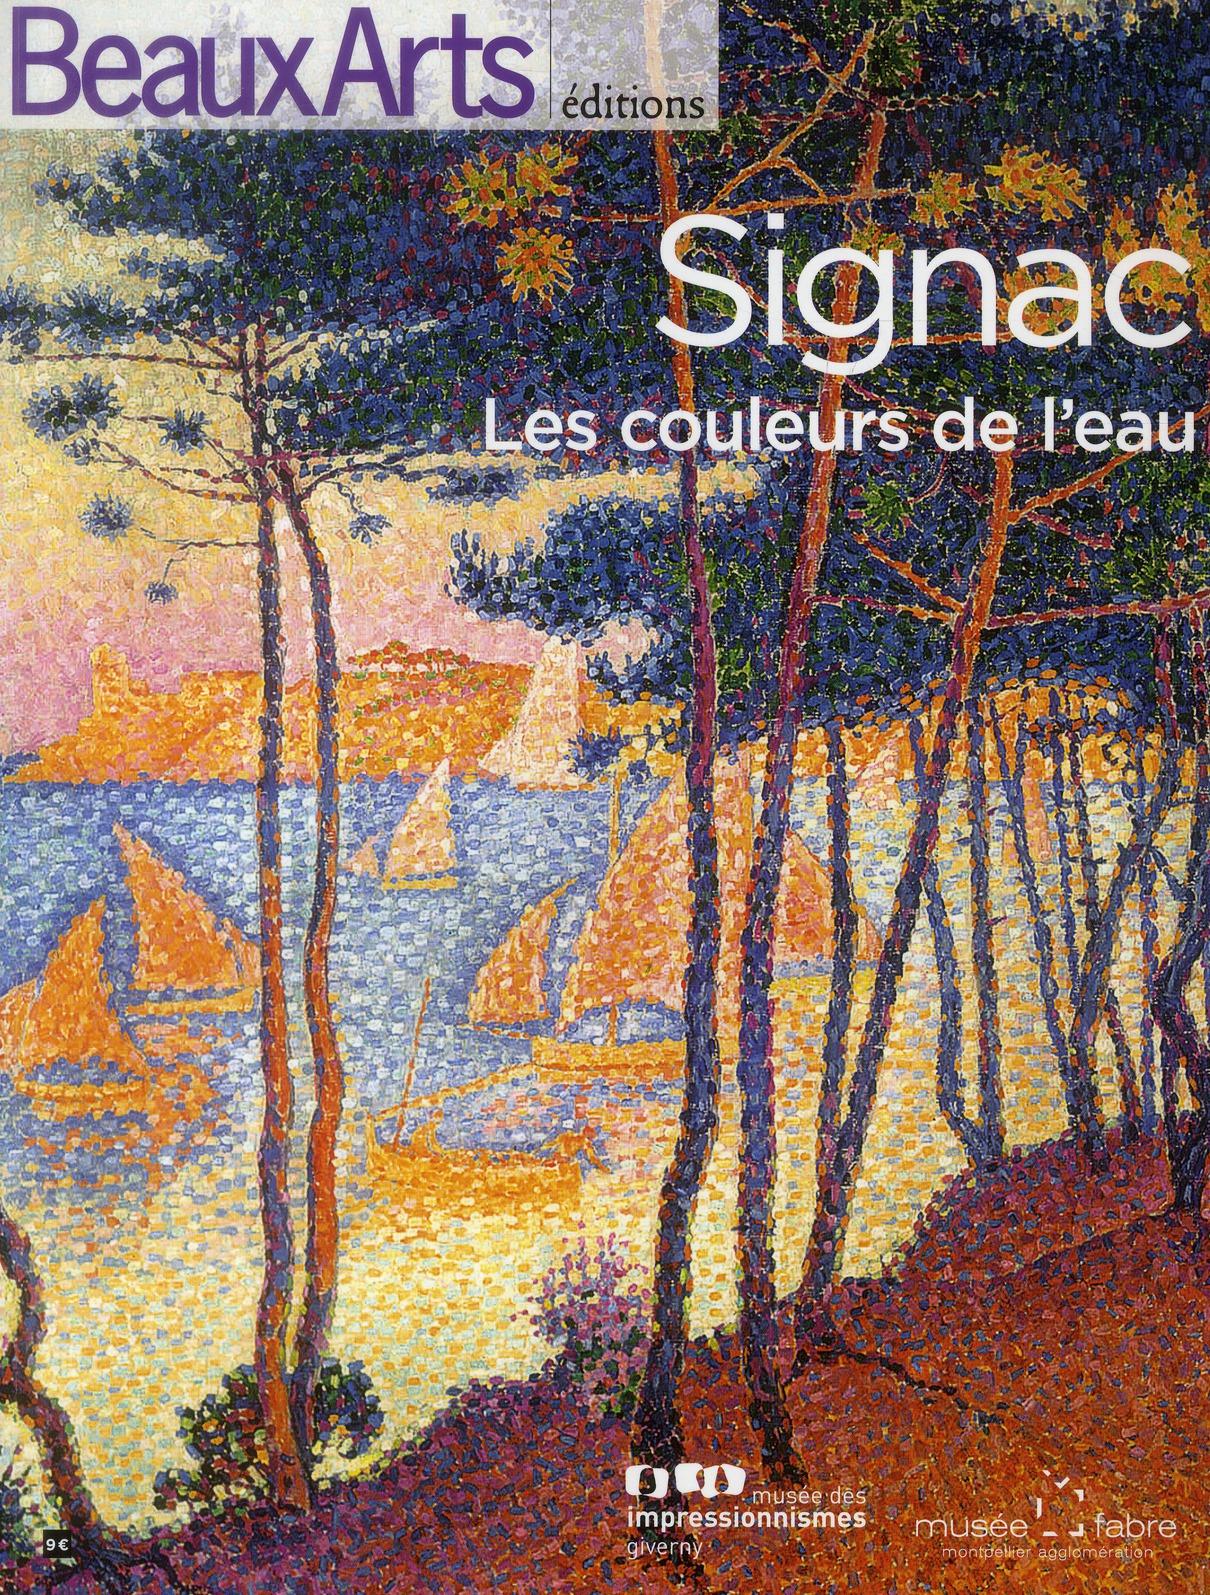 SIGNAC, LES COULEURS DE L'EAU - MUSEE FABRE